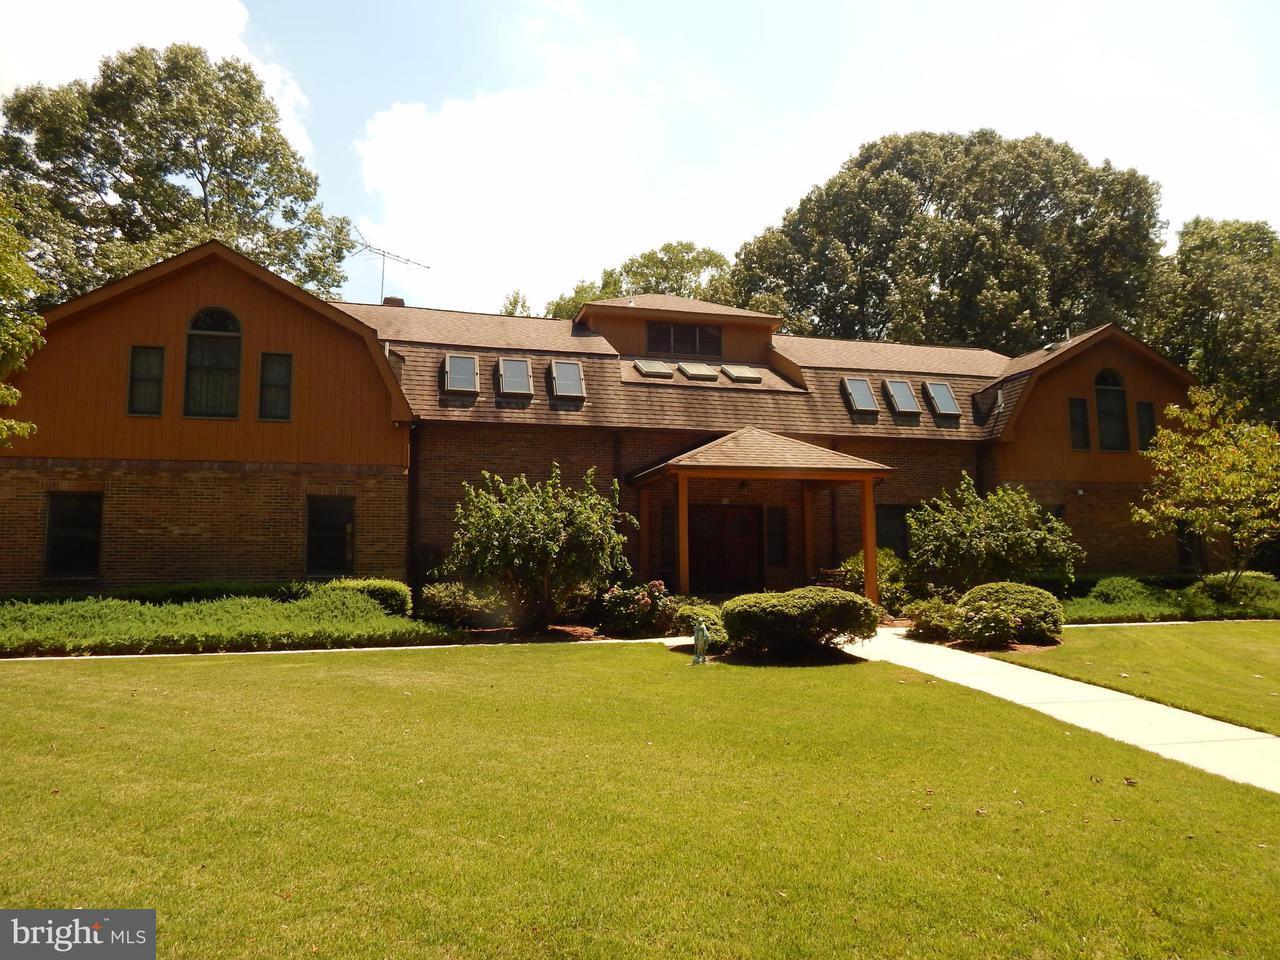 Μονοκατοικία για την Πώληση στο 7785 SWAN Lane 7785 SWAN Lane Owings, Μεριλαντ 20736 Ηνωμενεσ Πολιτειεσ